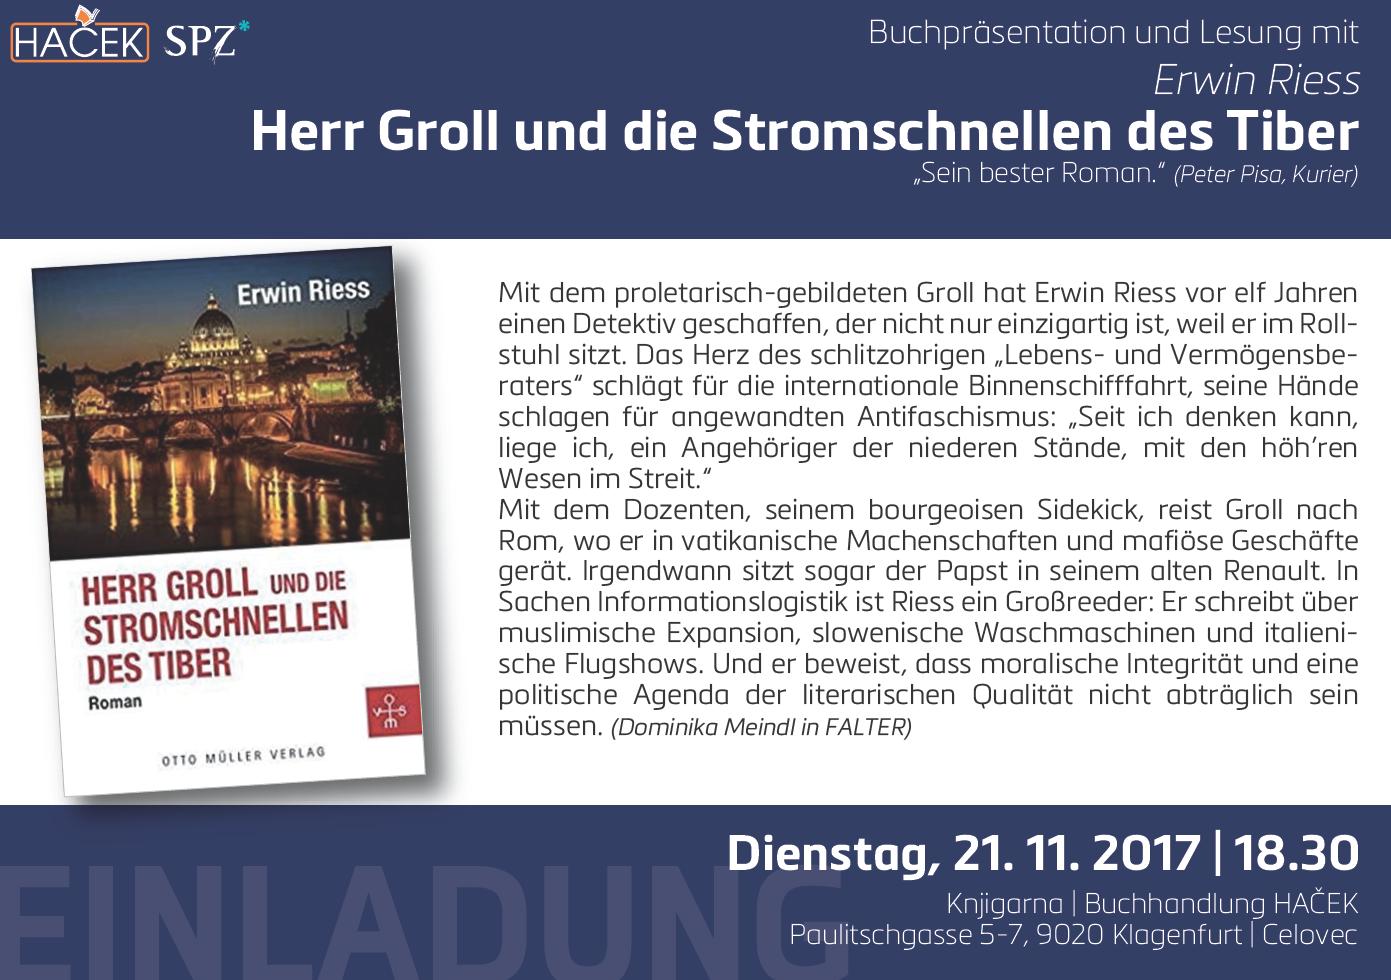 Riess Erwin : Herr Groll und die Stromschnellen des Tiber